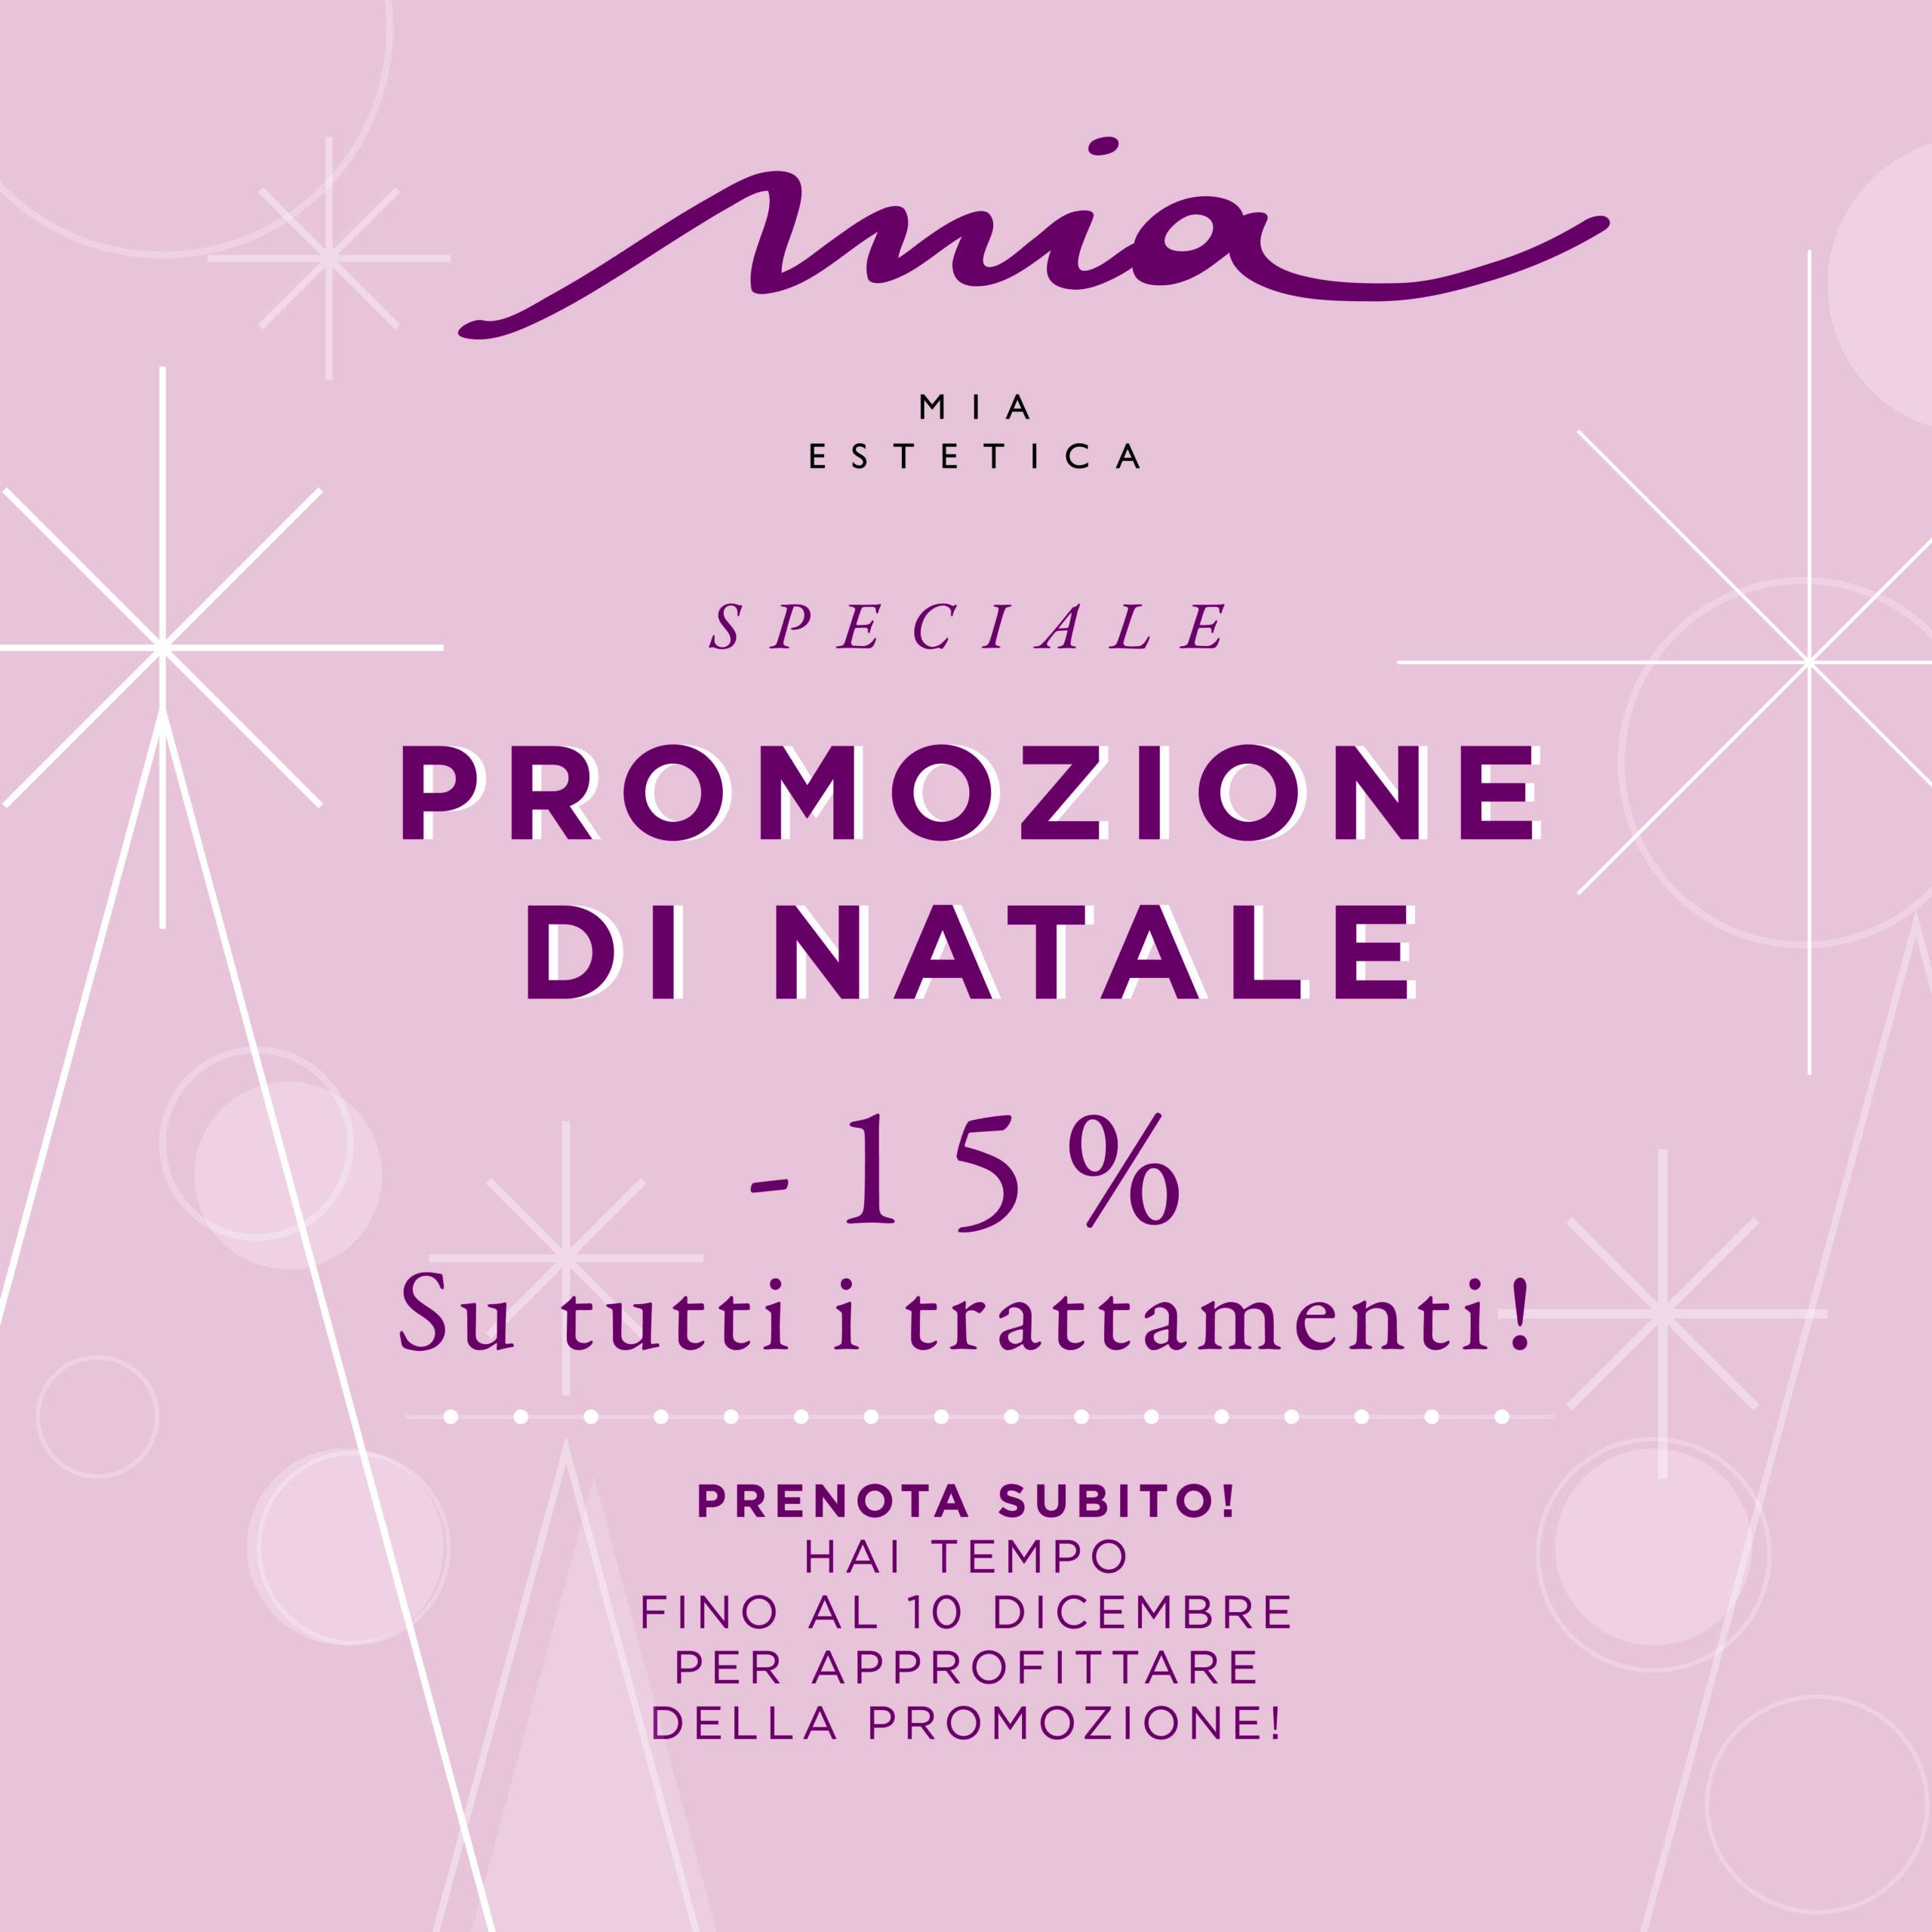 promozione di natale centro estetico mia estetica roma piazza bologna